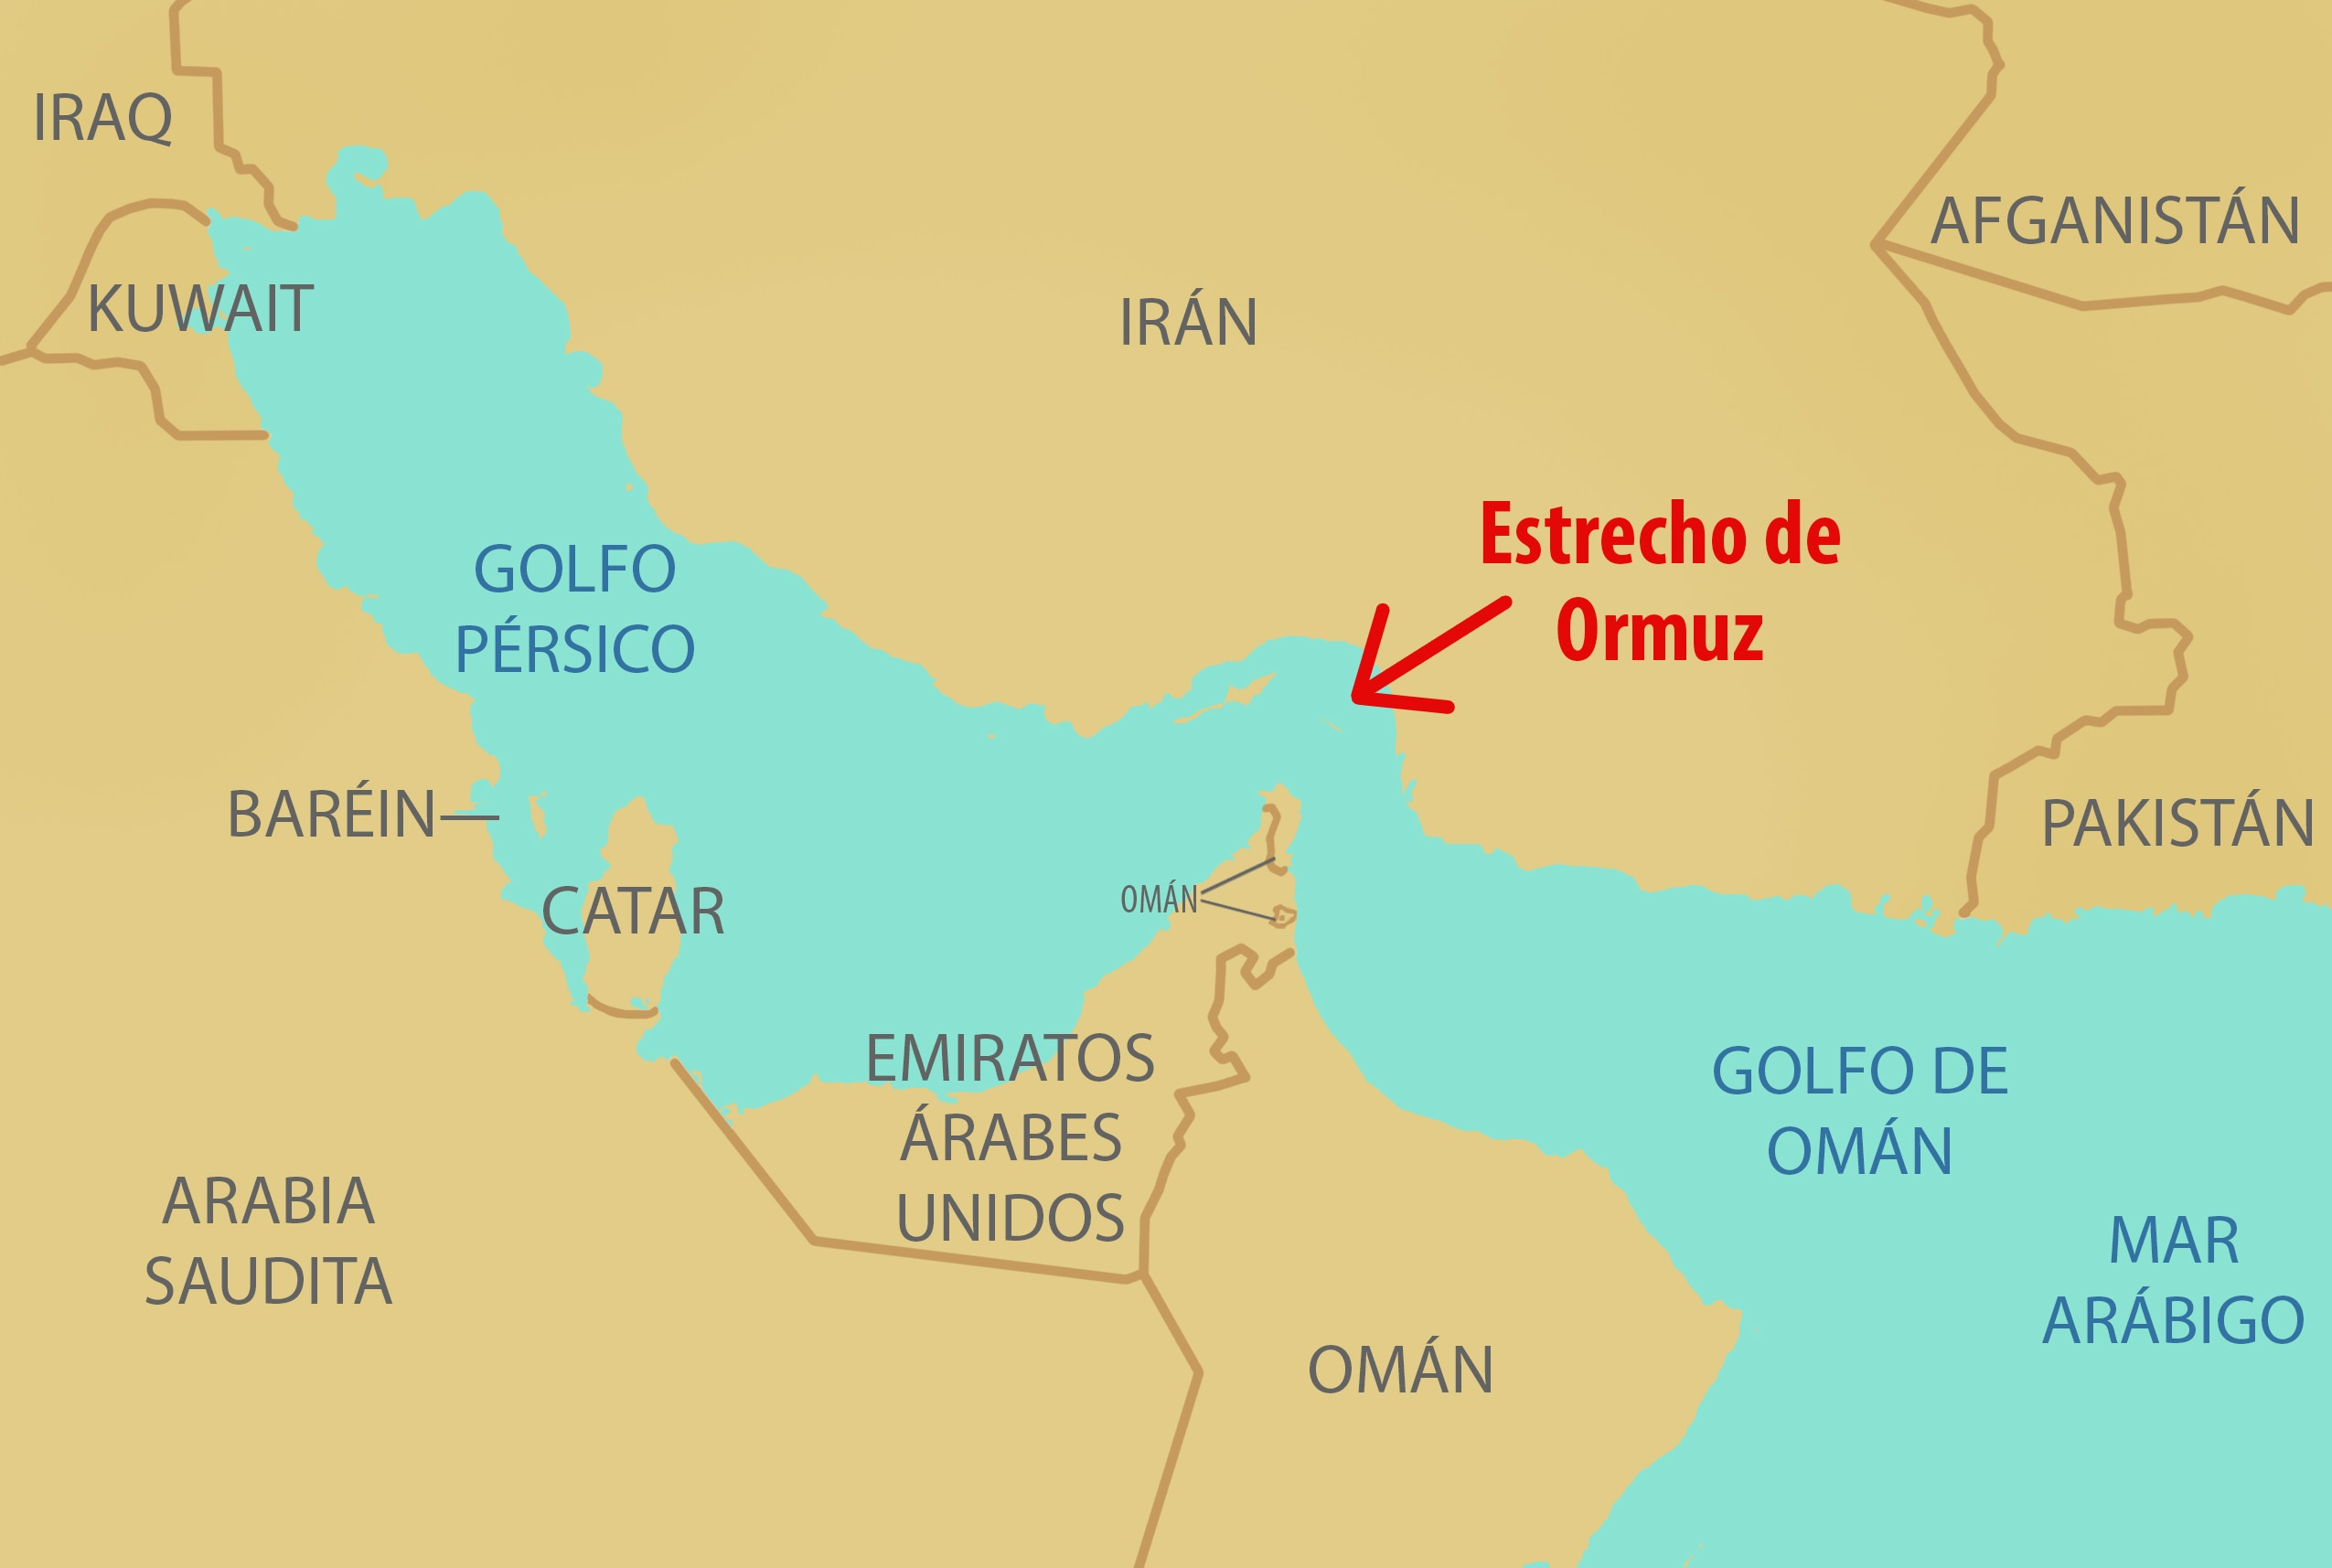 Mapa muestra el estrecho de Ormuz y países circundantes (Depto. de Estado/D. Thompson)